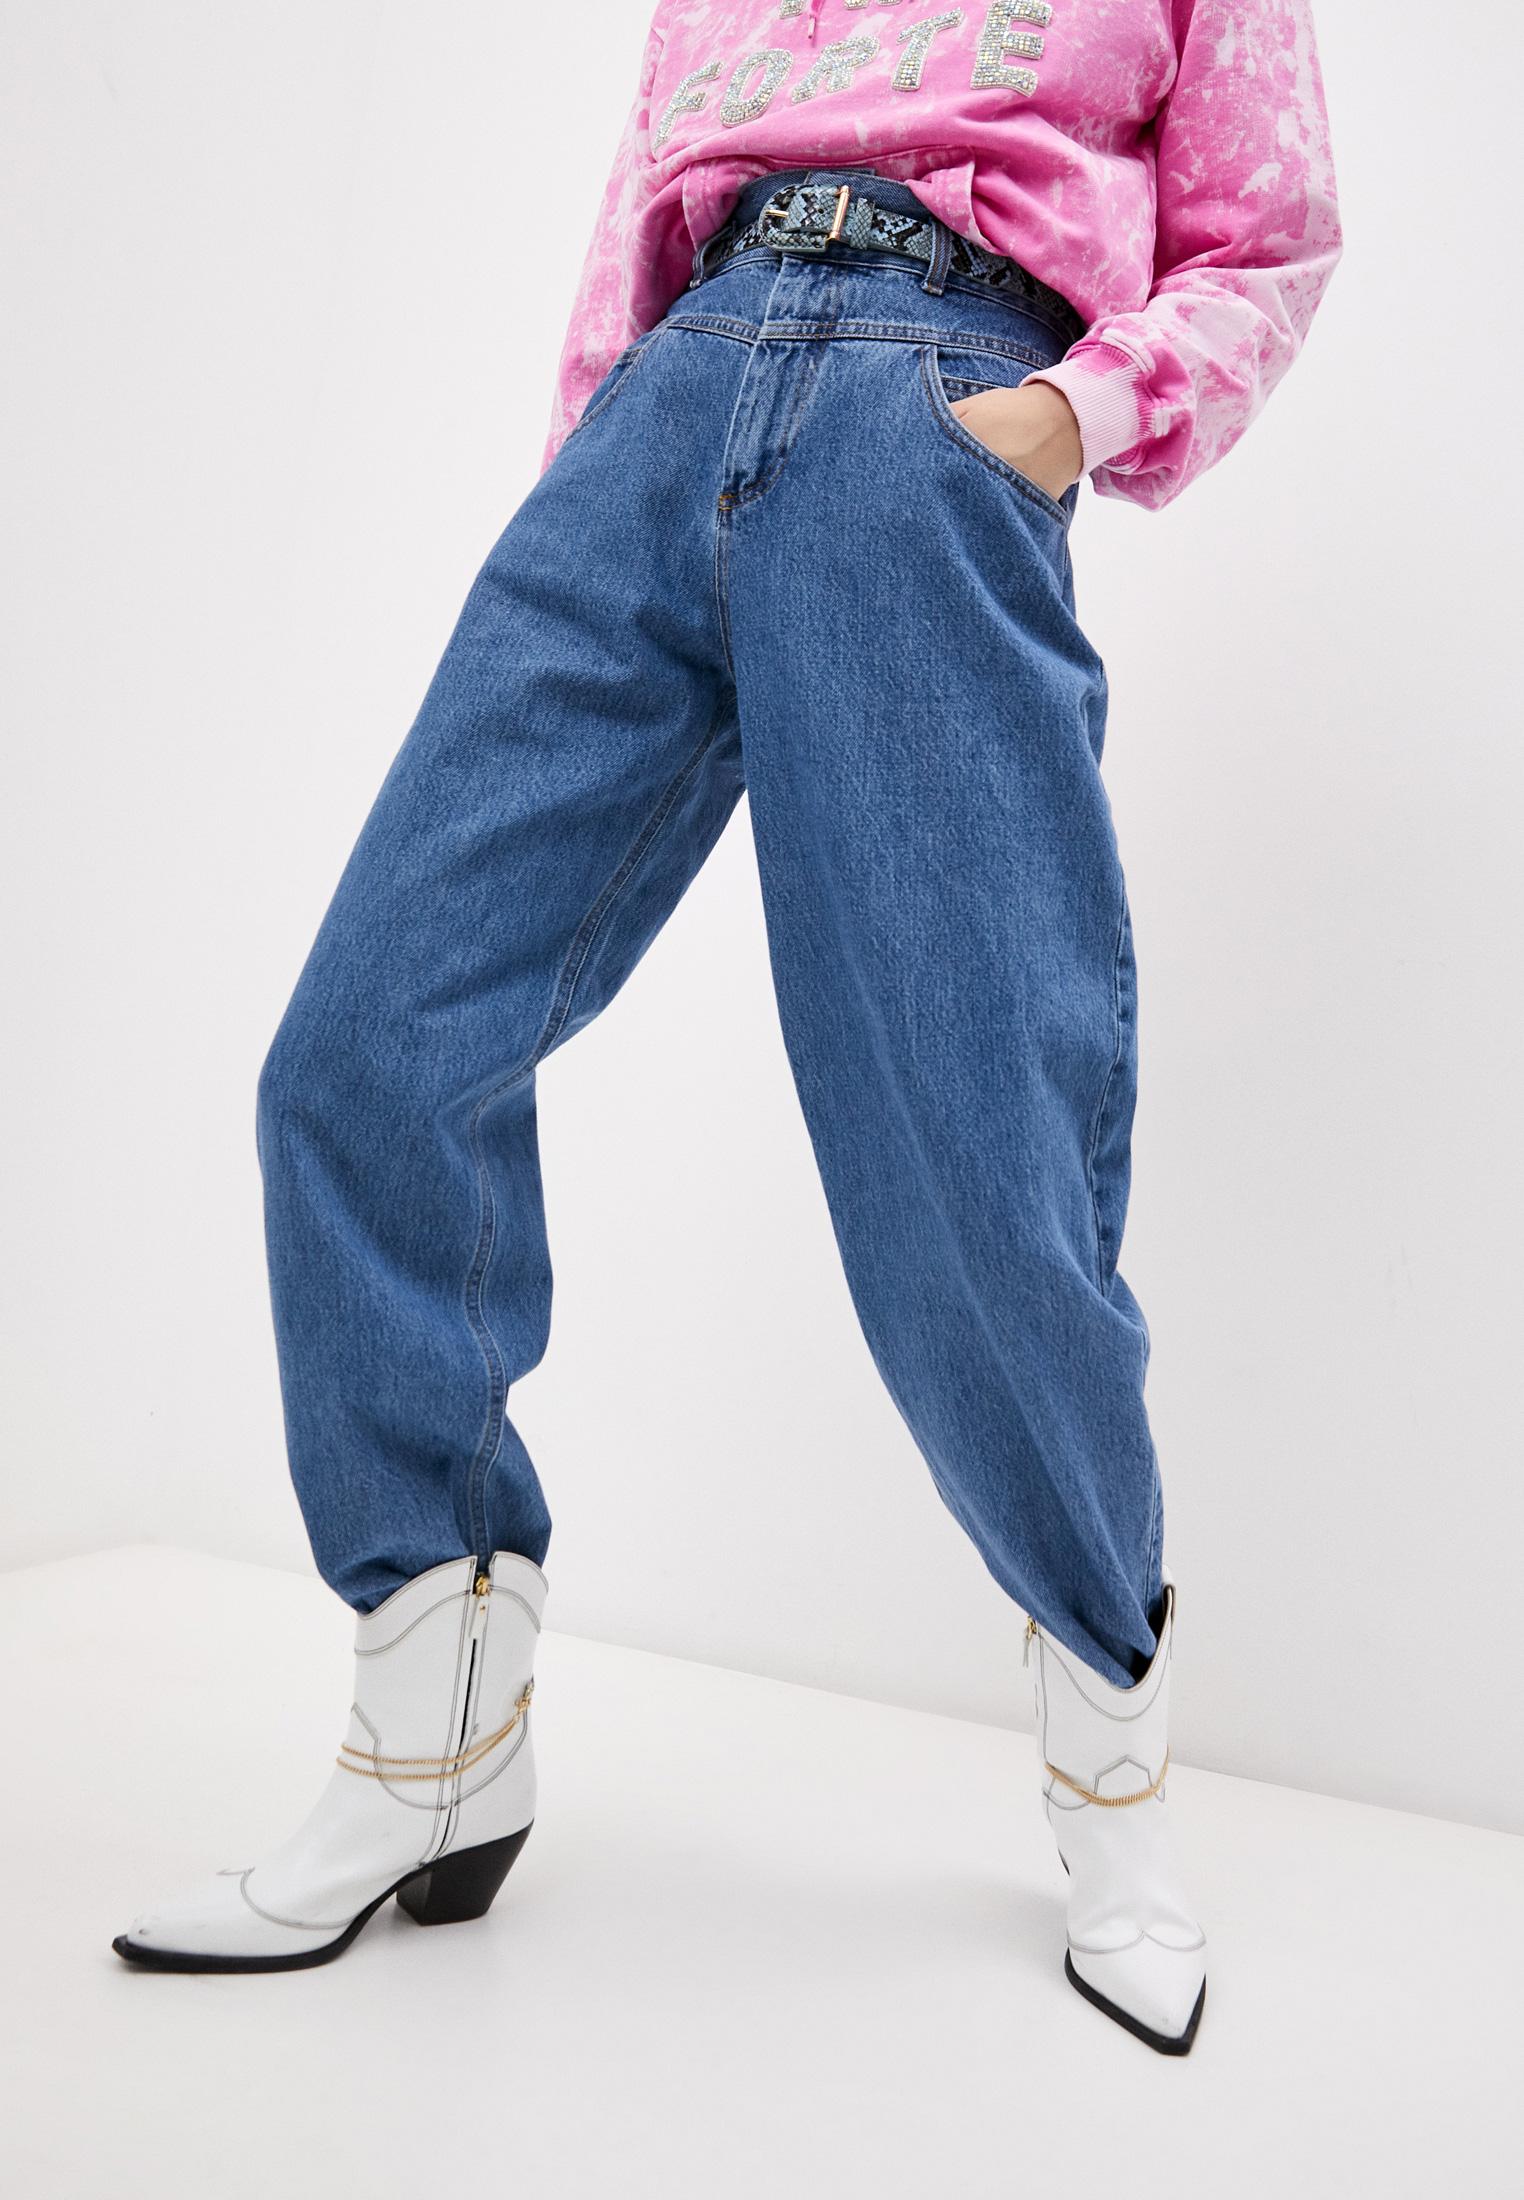 Прямые джинсы Forte Dei Marmi Couture Джинсы Forte Dei Marmi Couture